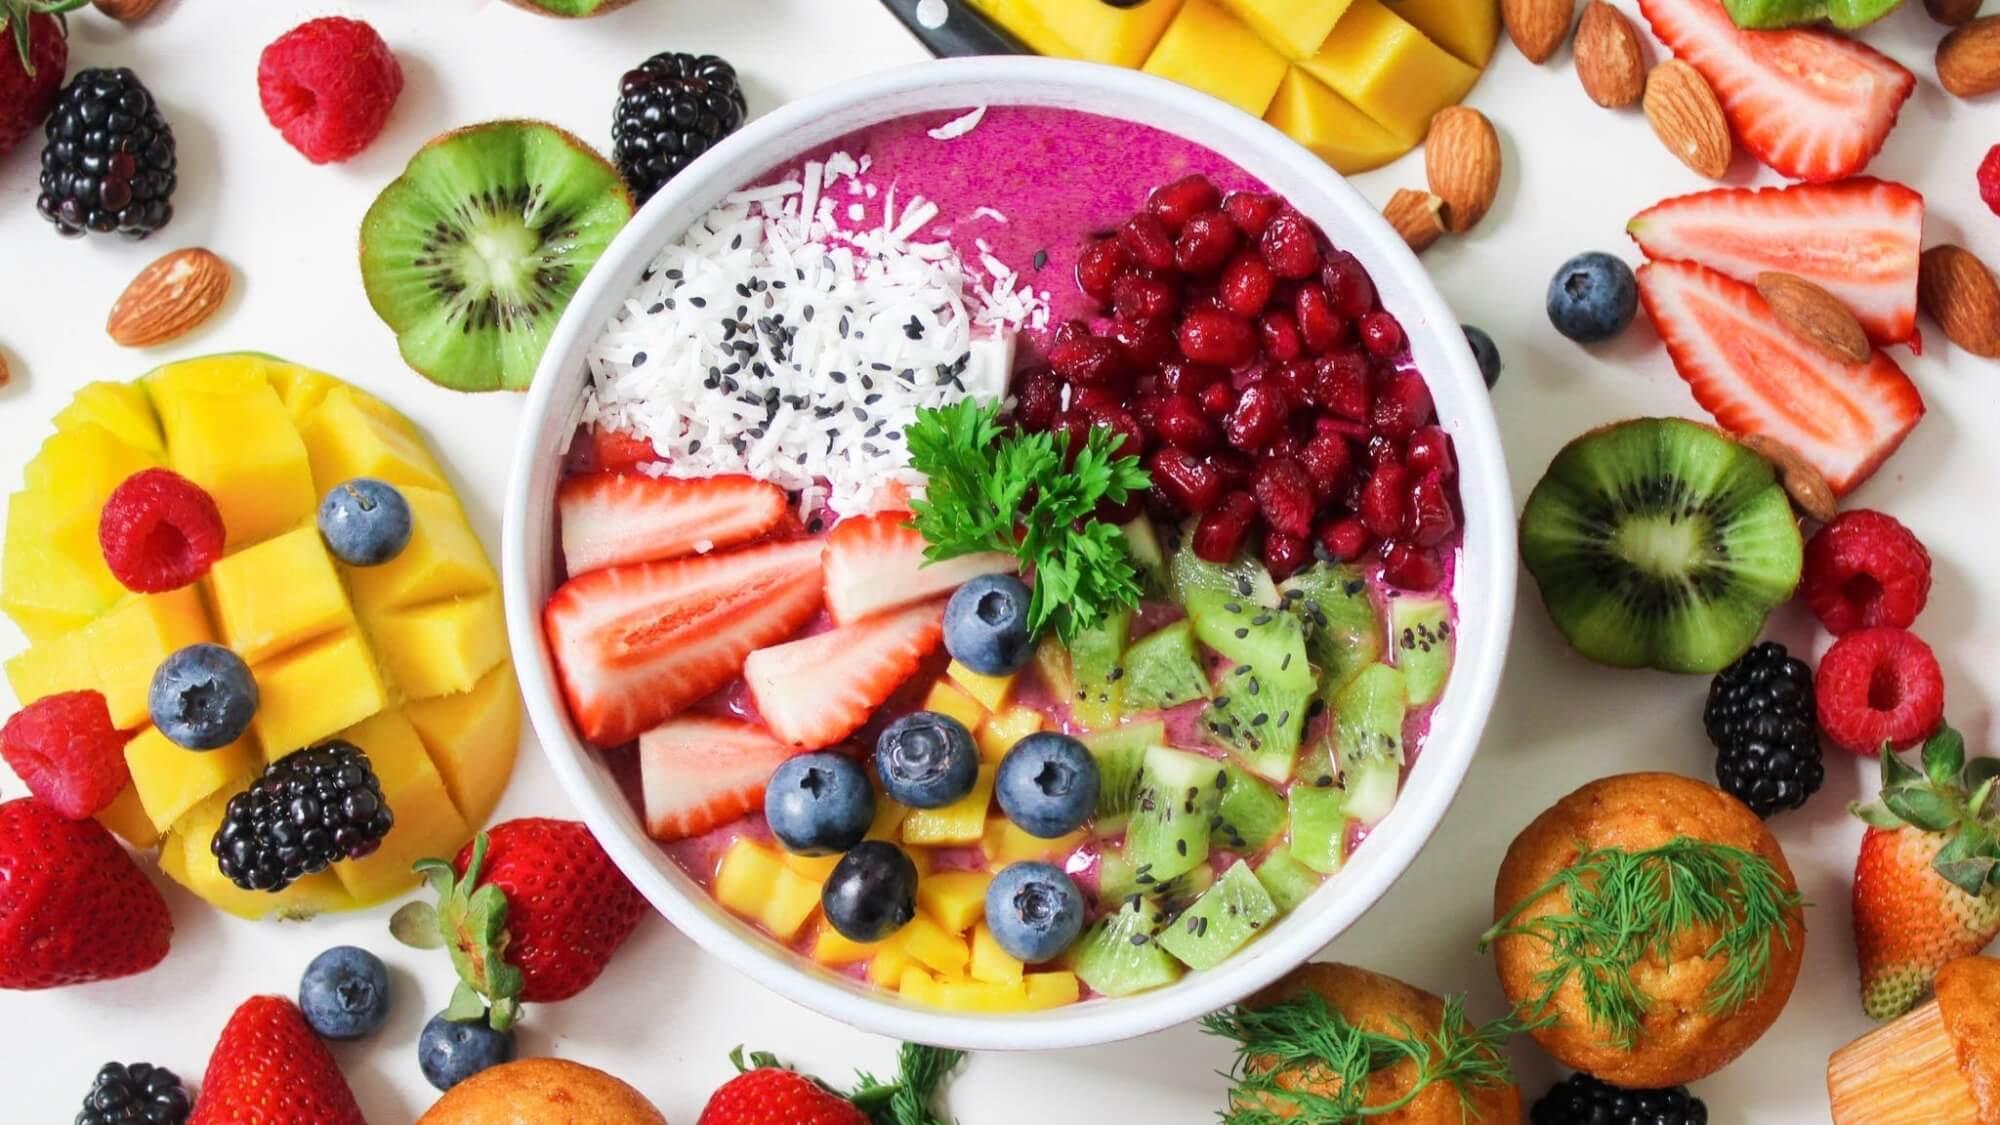 Fruit dish display